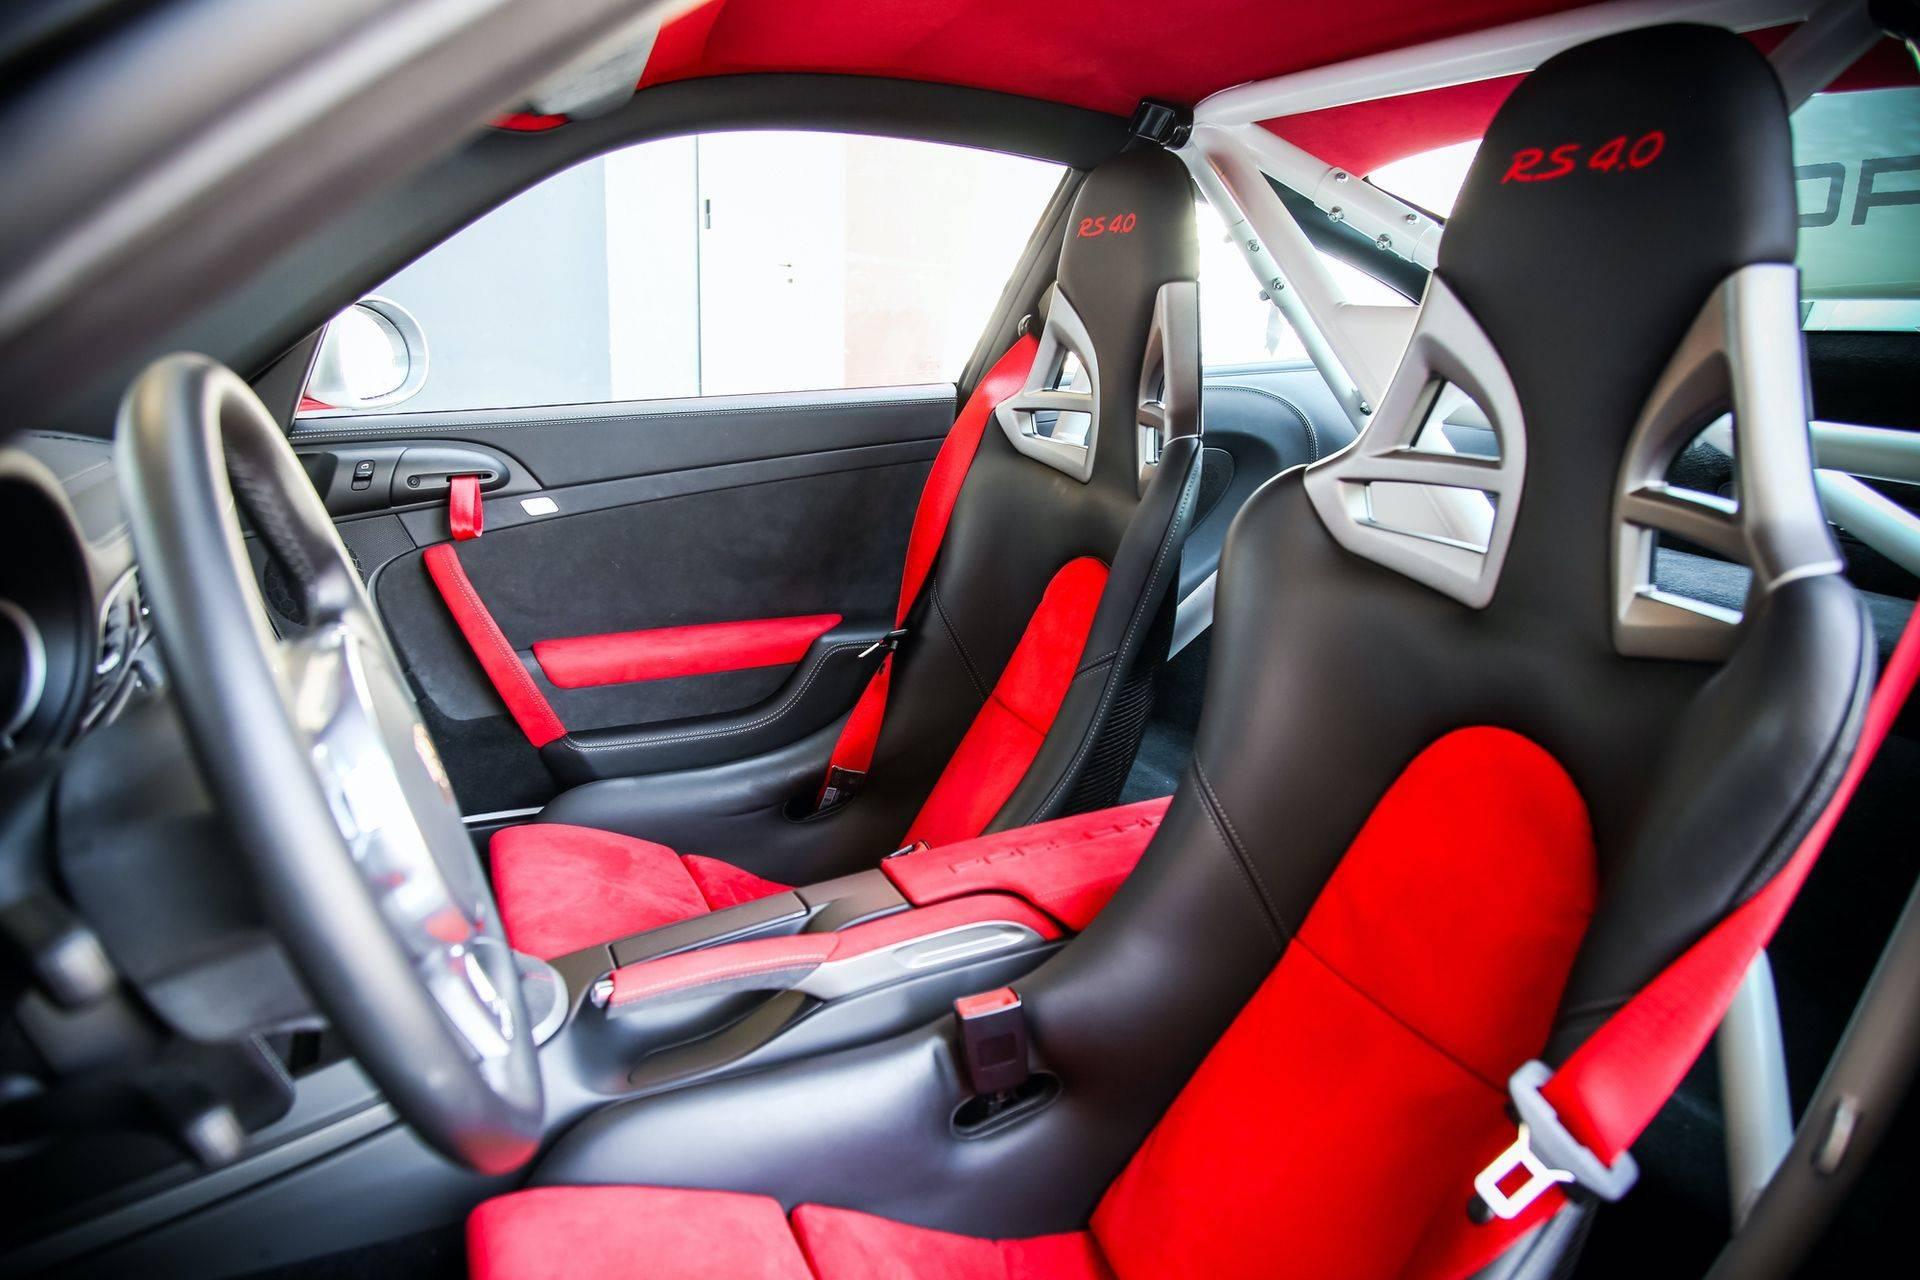 2011_Porsche_911_GT3_RS_4.0_sale_0015